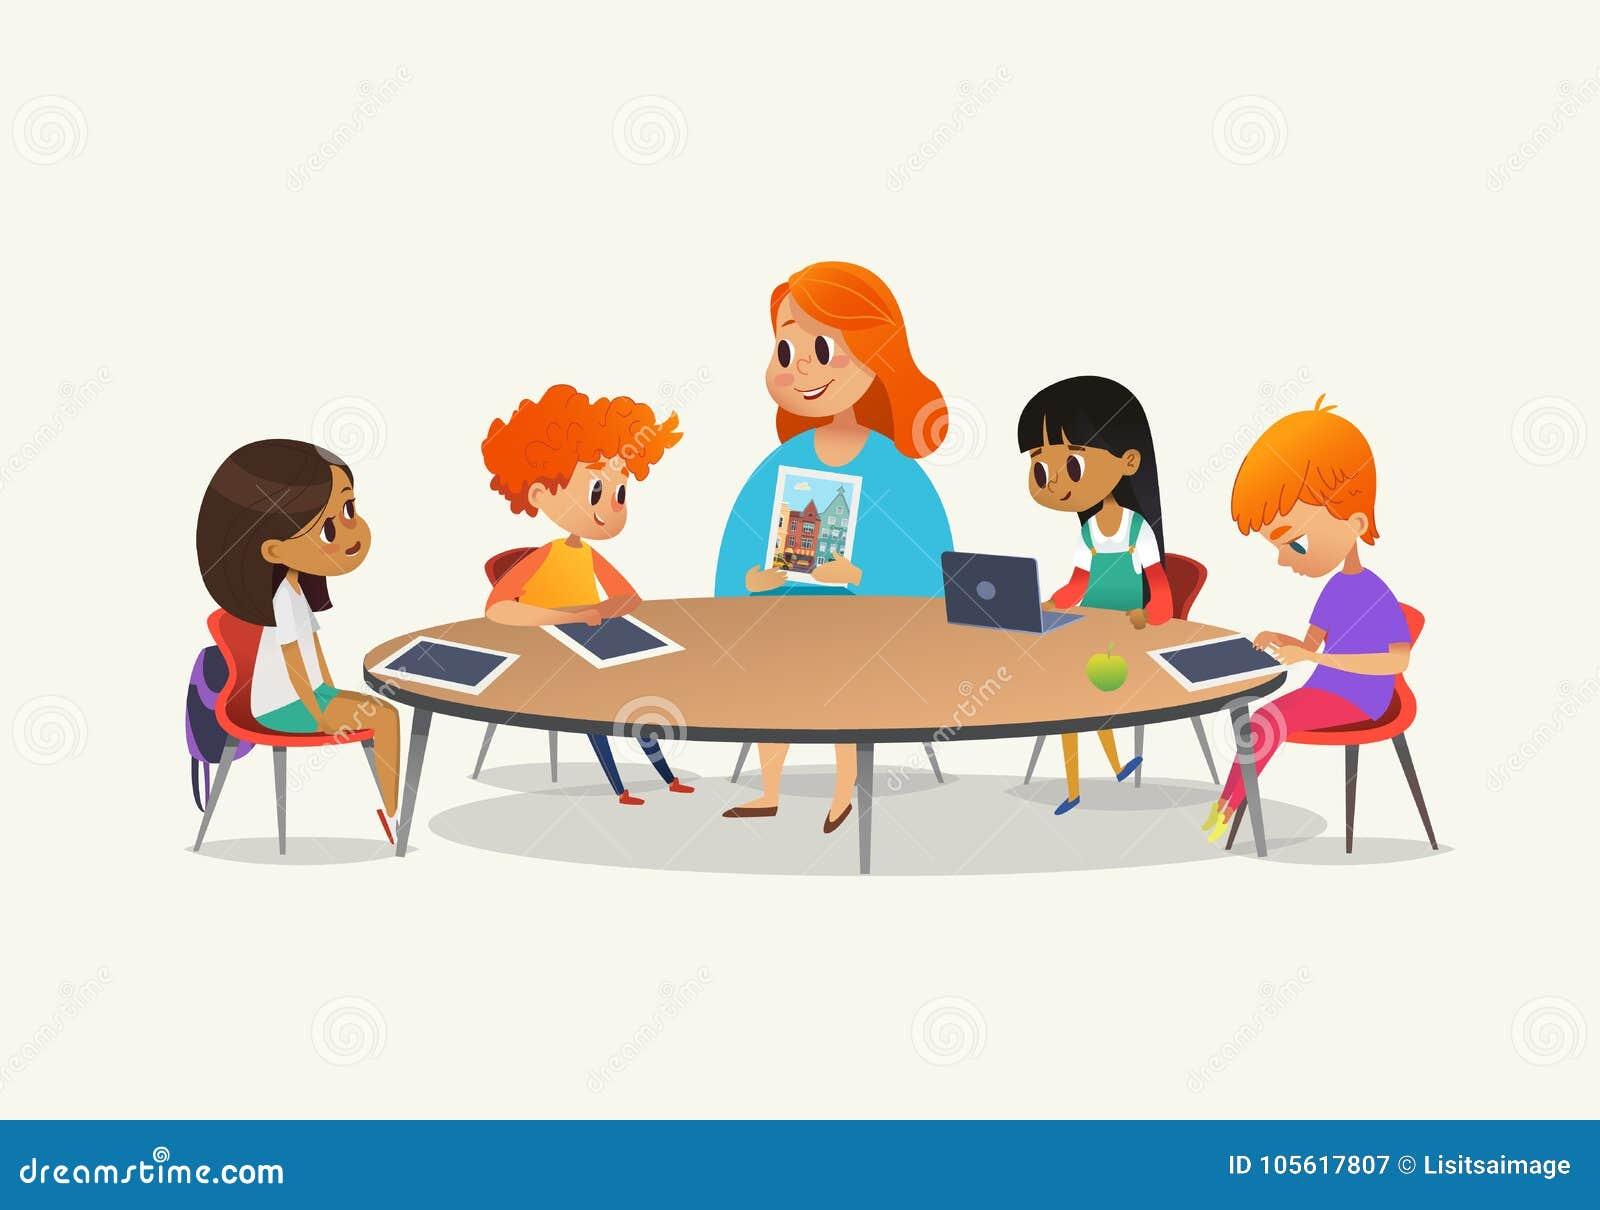 Roodharige vrouwelijke leraar die beeld tonen aan kinderen die rondetafel rondhangen bij klasse met laptop en tabletpc Jonge geit